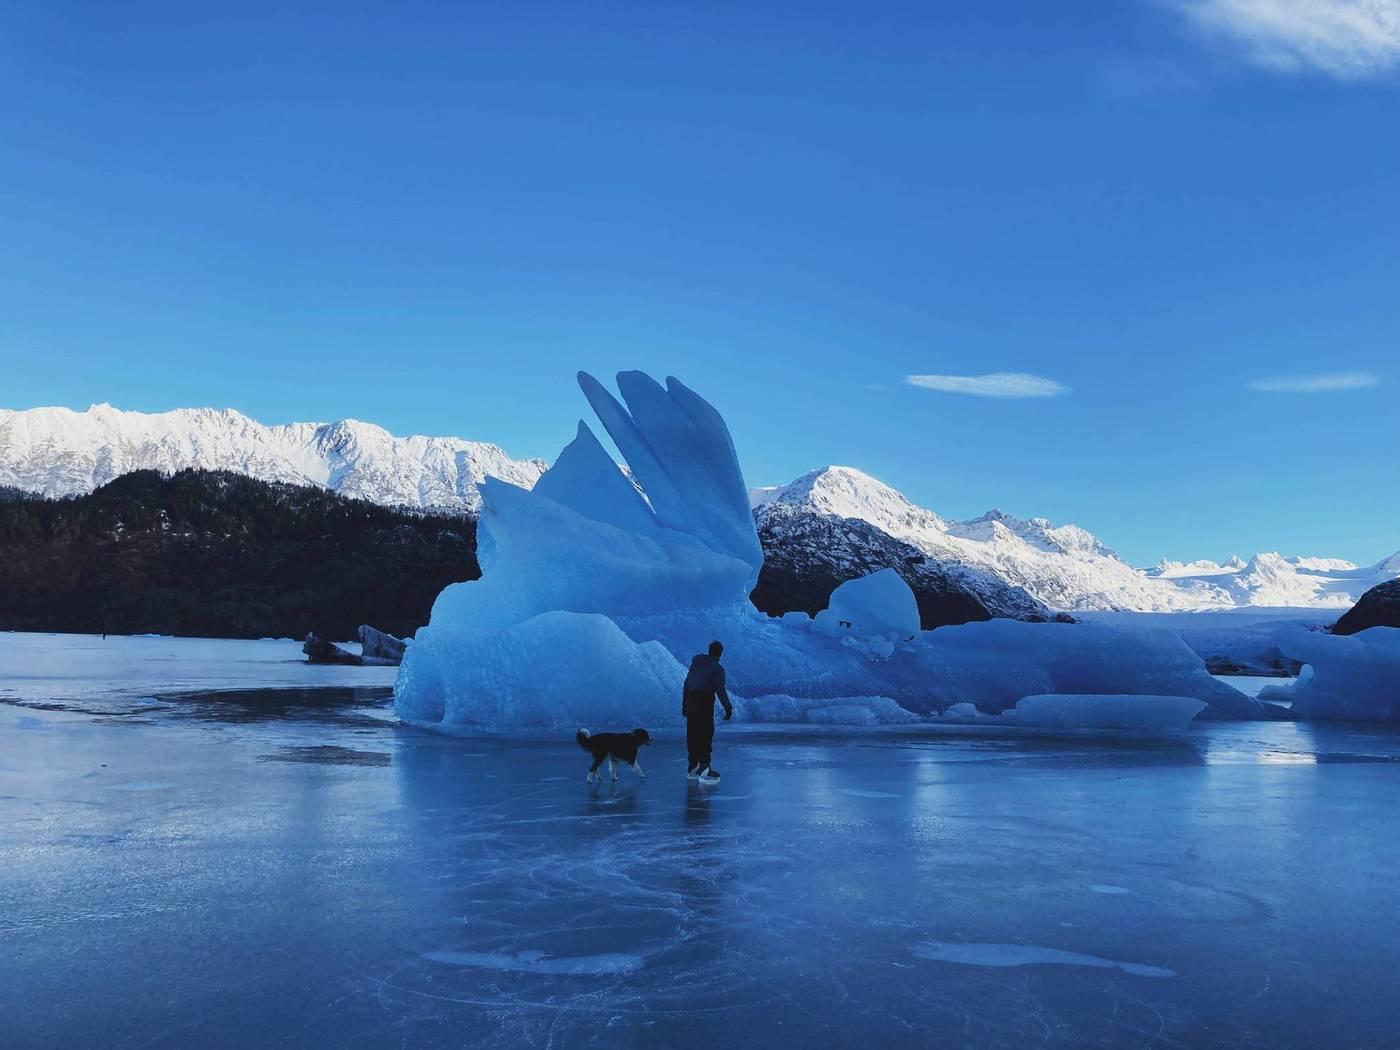 ice skating on a glacial lake